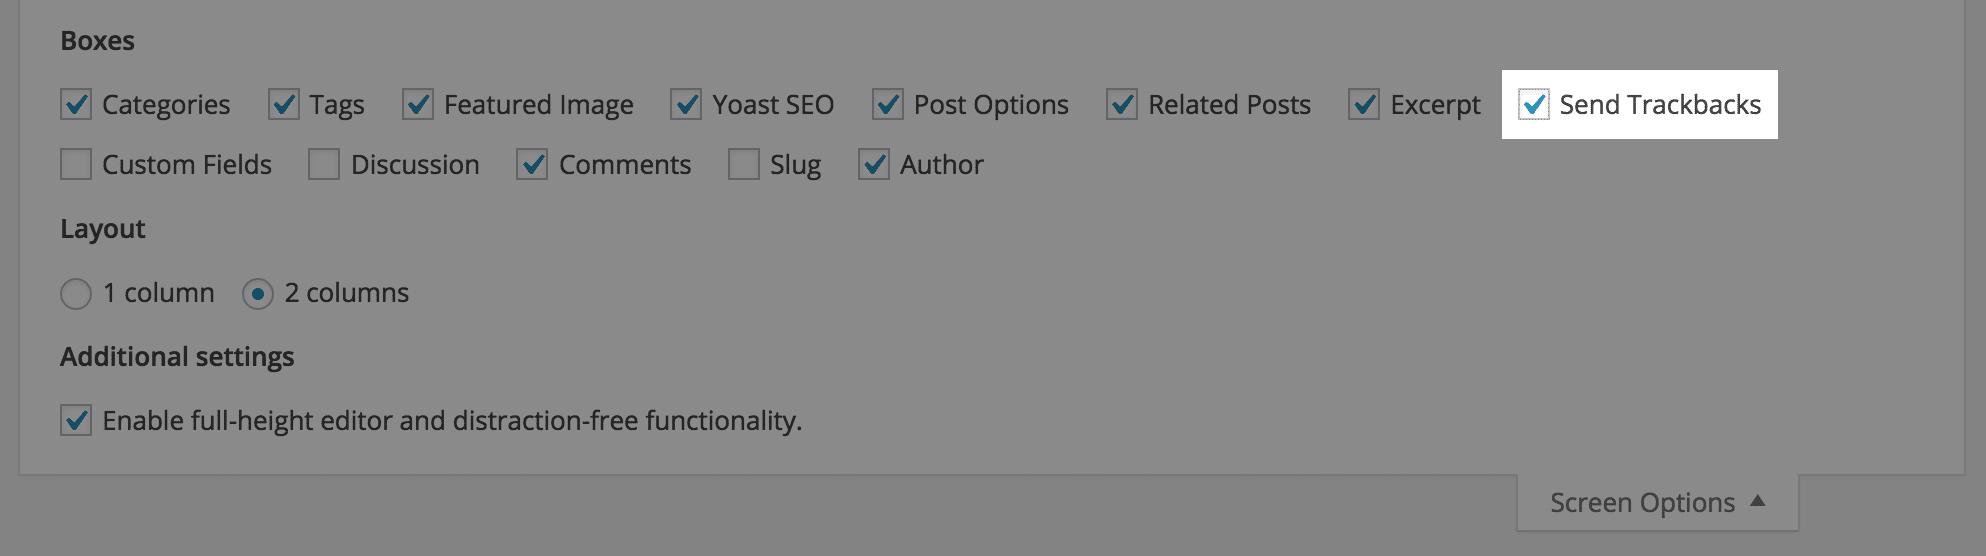 Paramétrage de l'affichage des rétroliens dans la section des options d'écran de WordPress